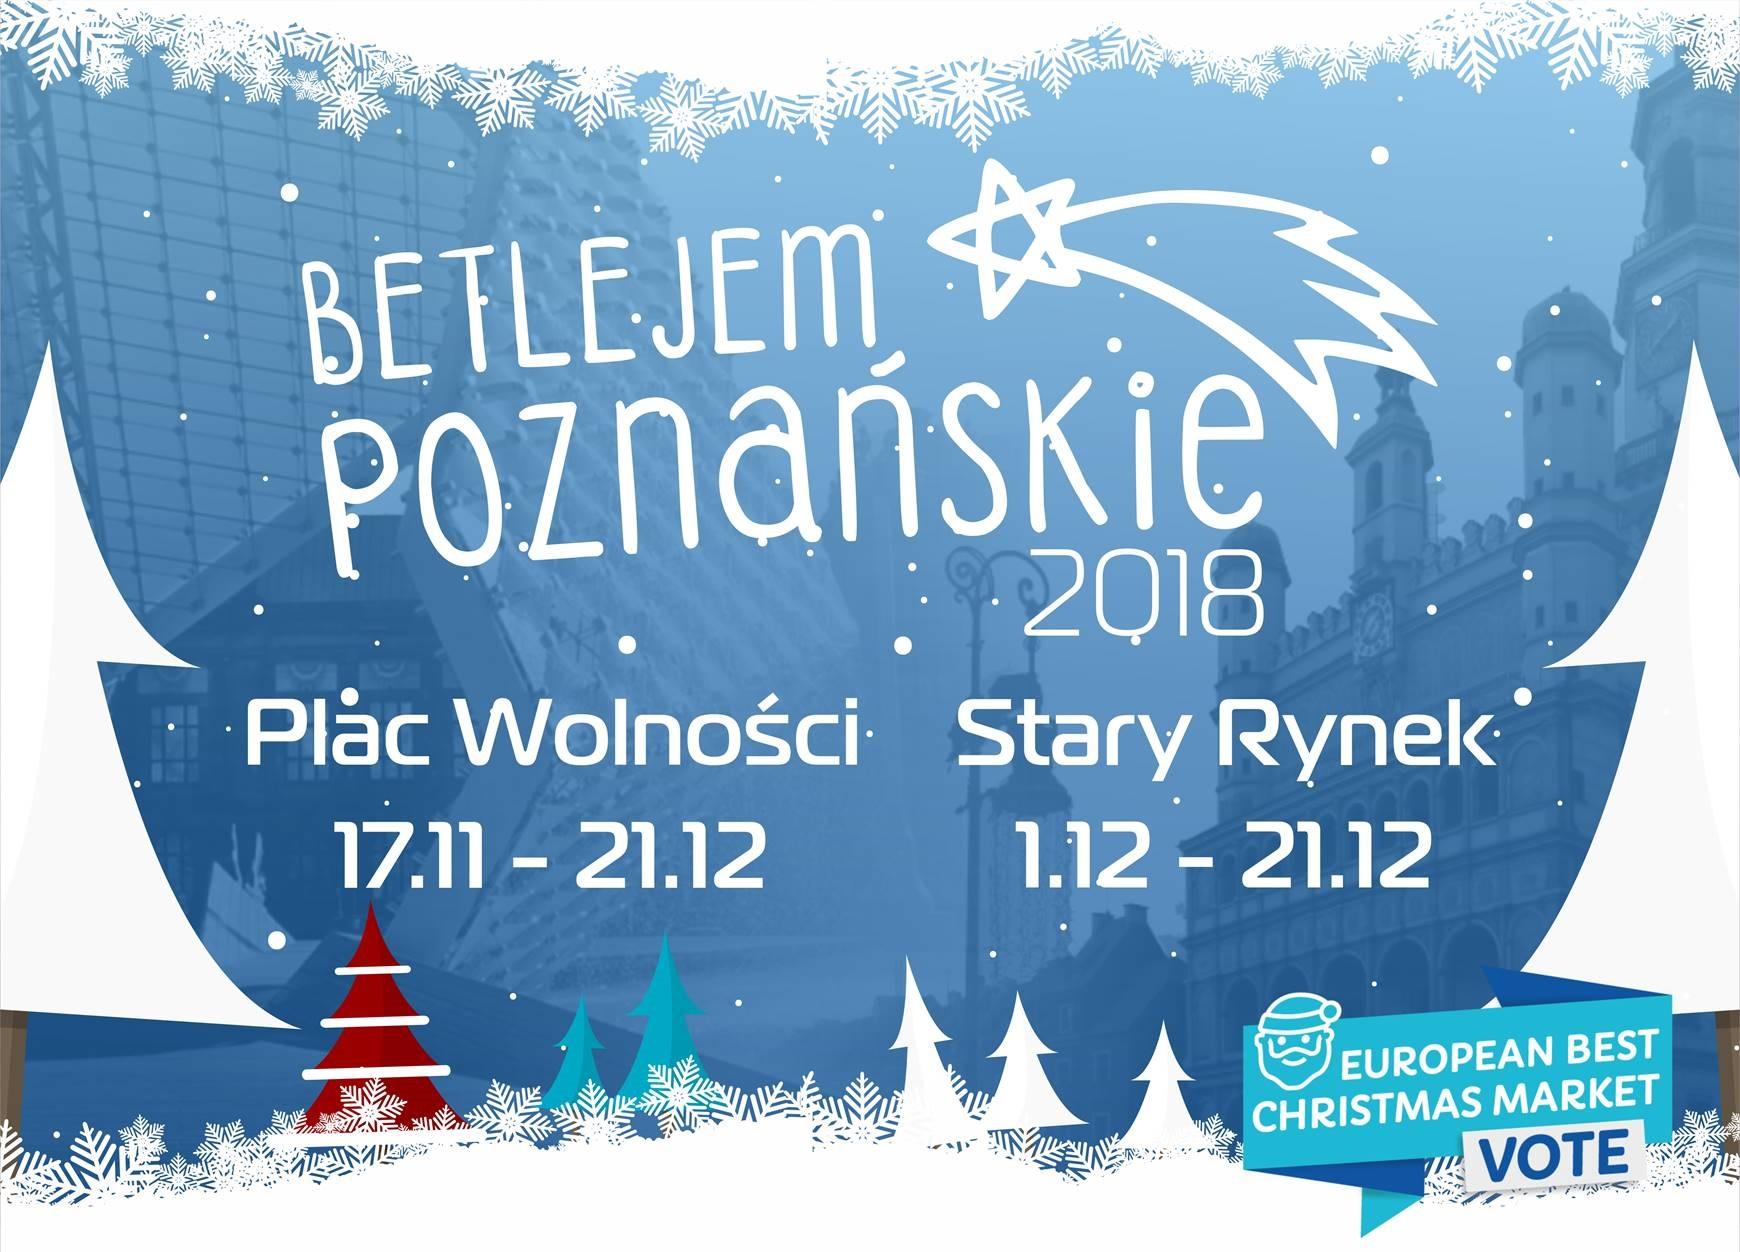 Znamy program Betlejem Poznańskie 2018!